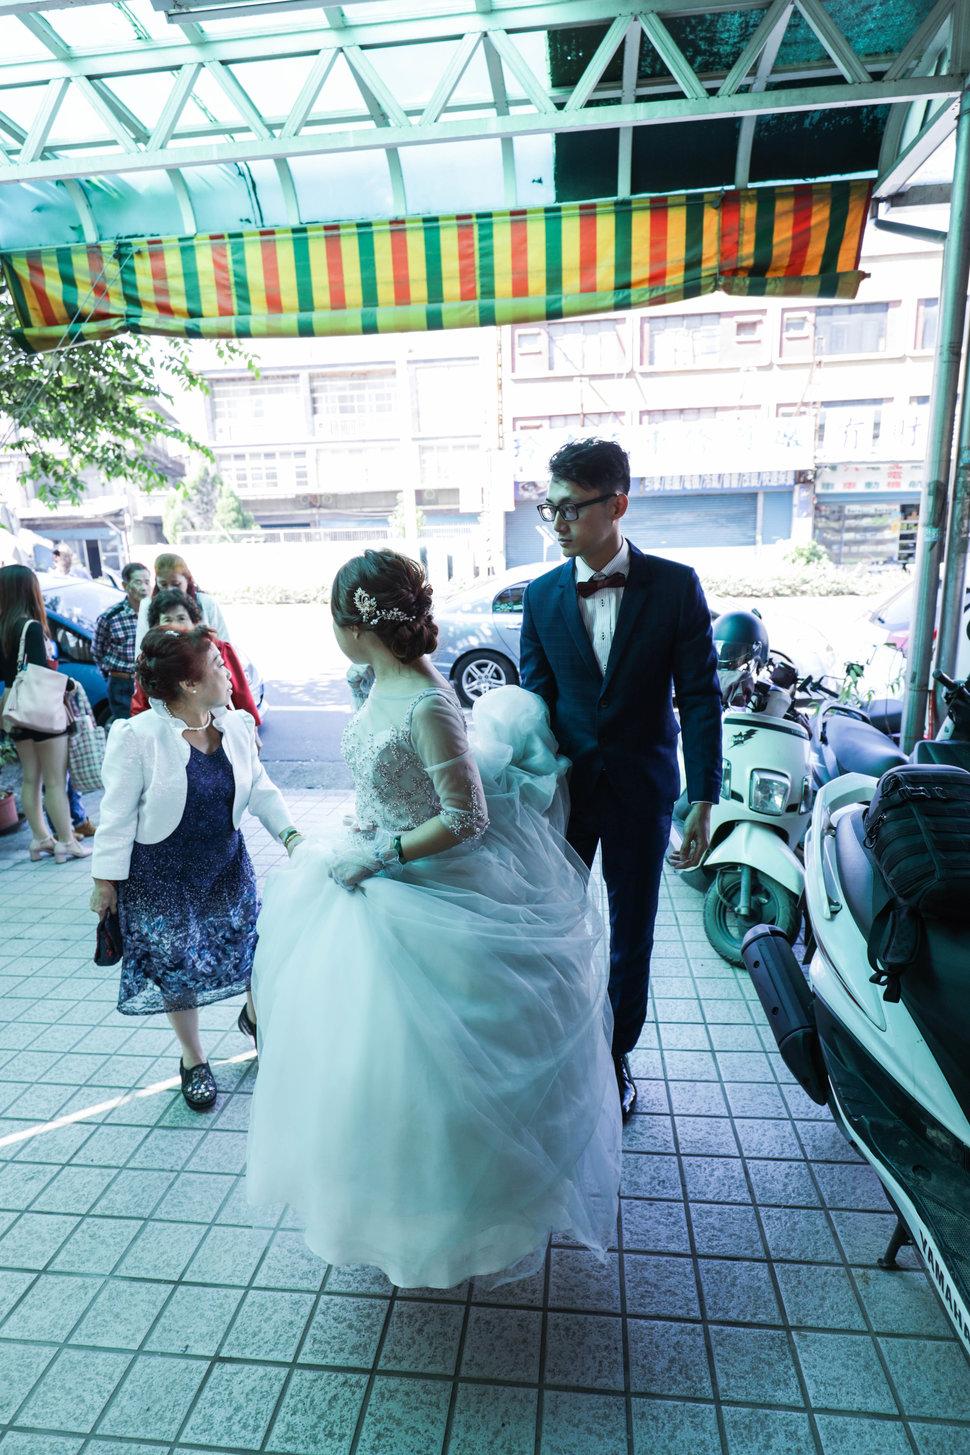 WANG1099 - 王上豪《結婚吧》